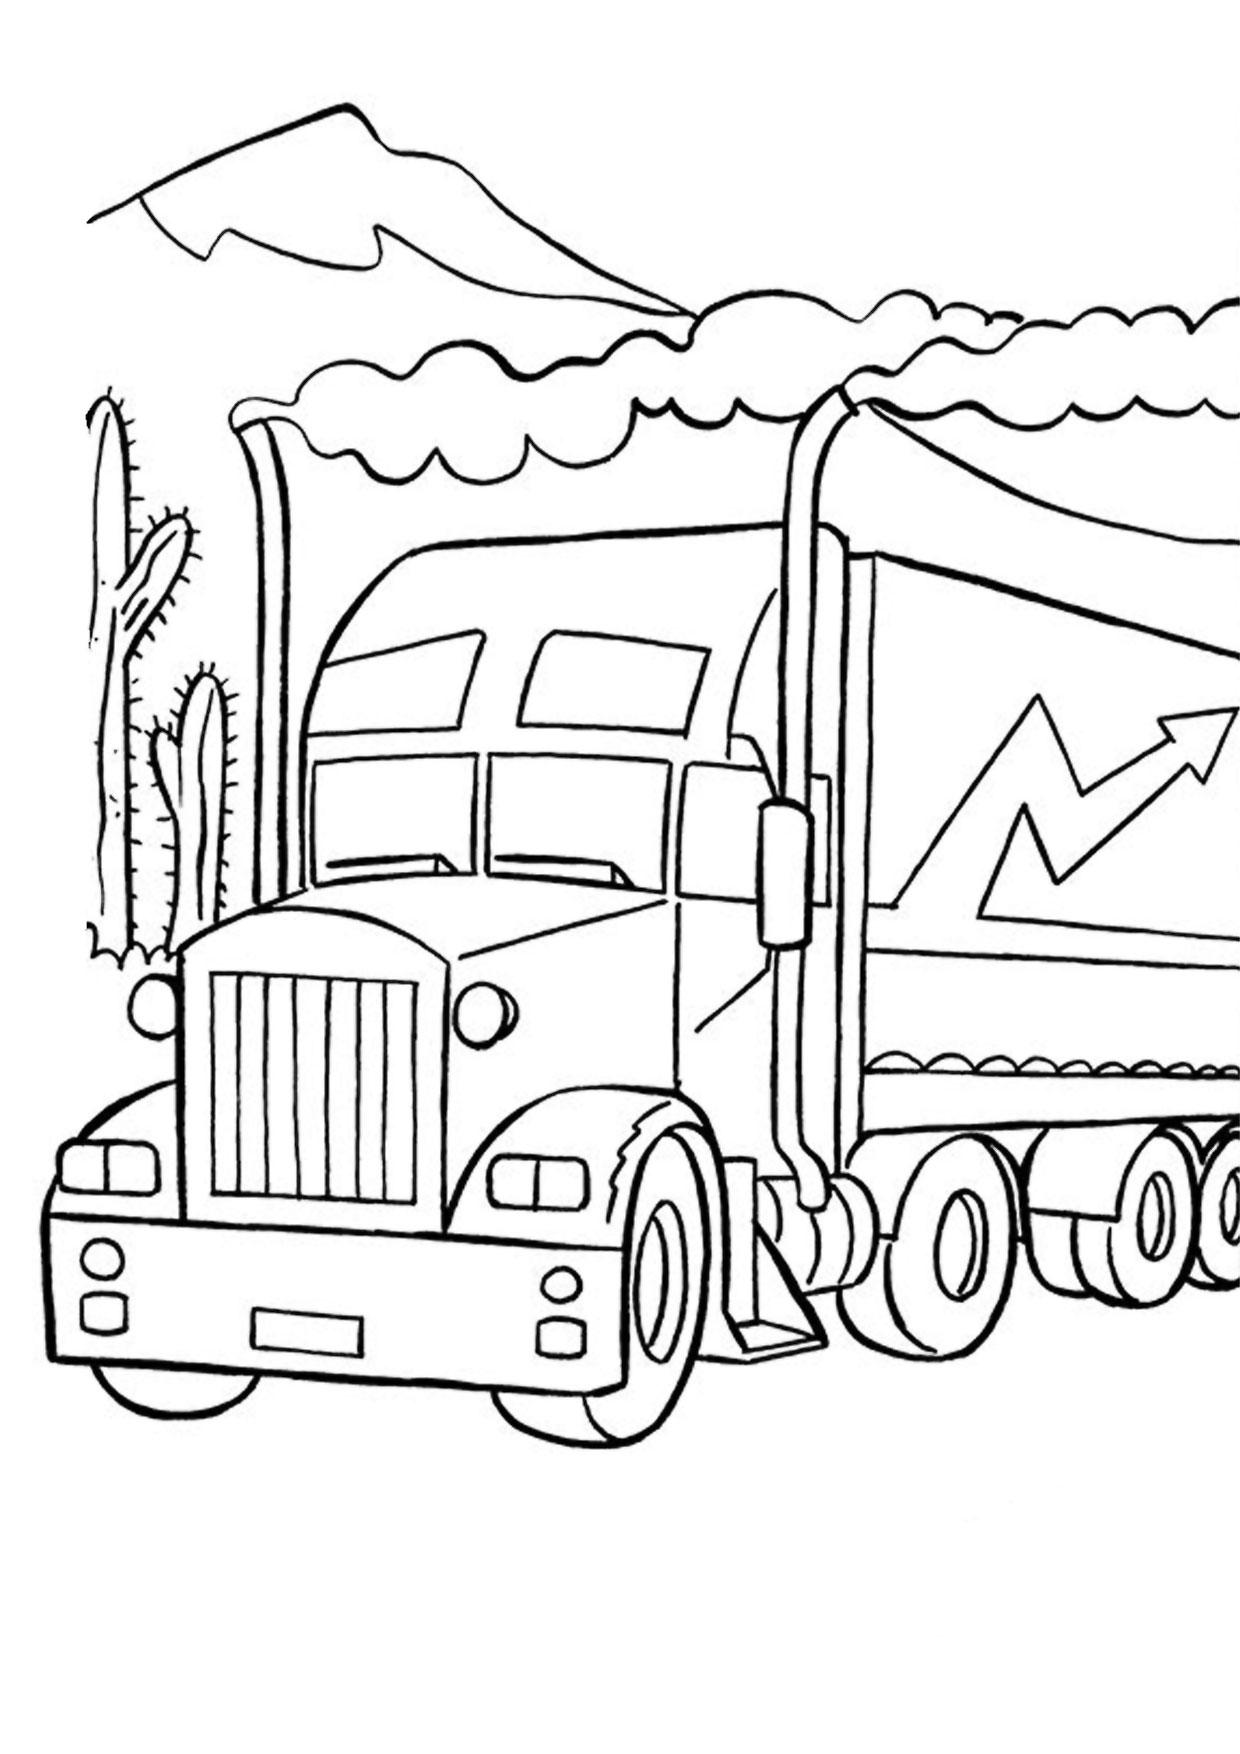 Disegno di camion da colorare 46